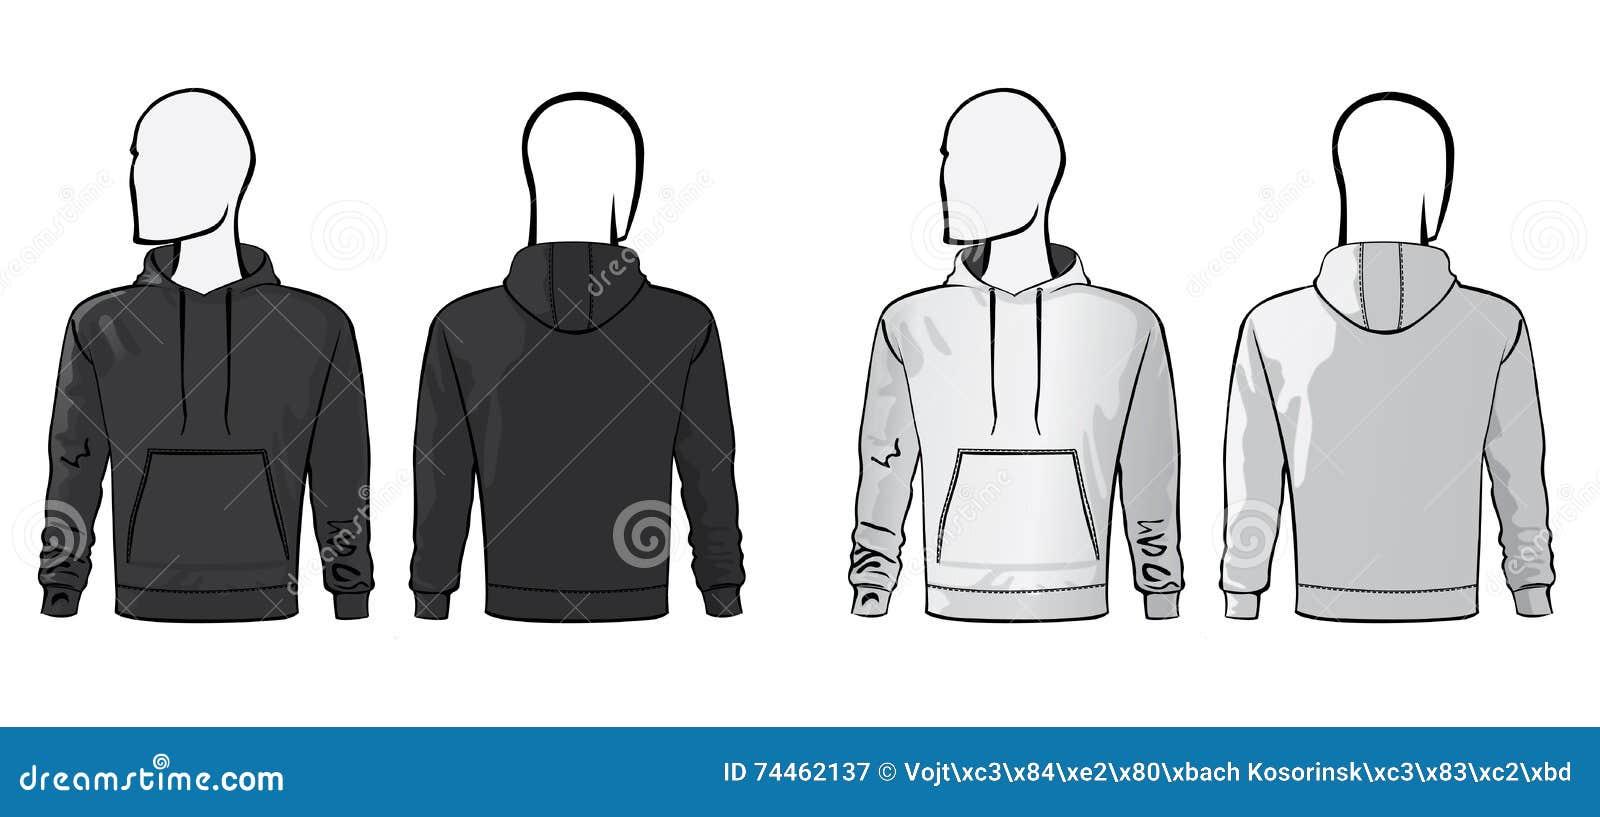 Hoodie blank template stock vector illustration of wear 74462137 hoodie blank template maxwellsz